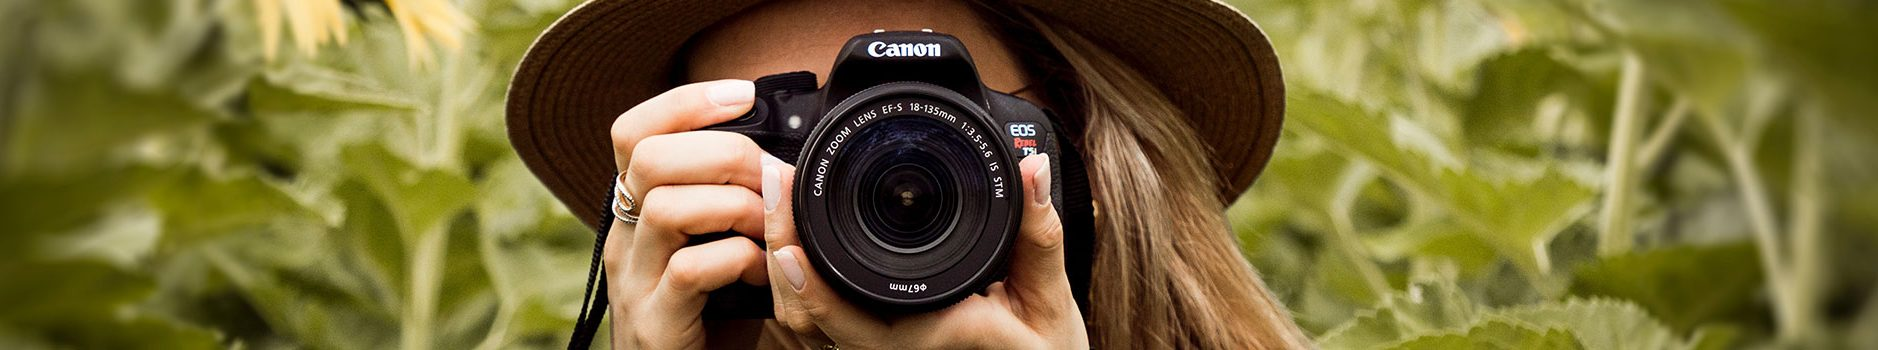 Fotográfus tanfolyam kiemelt kép - Fotós lány fényképezőgéppel